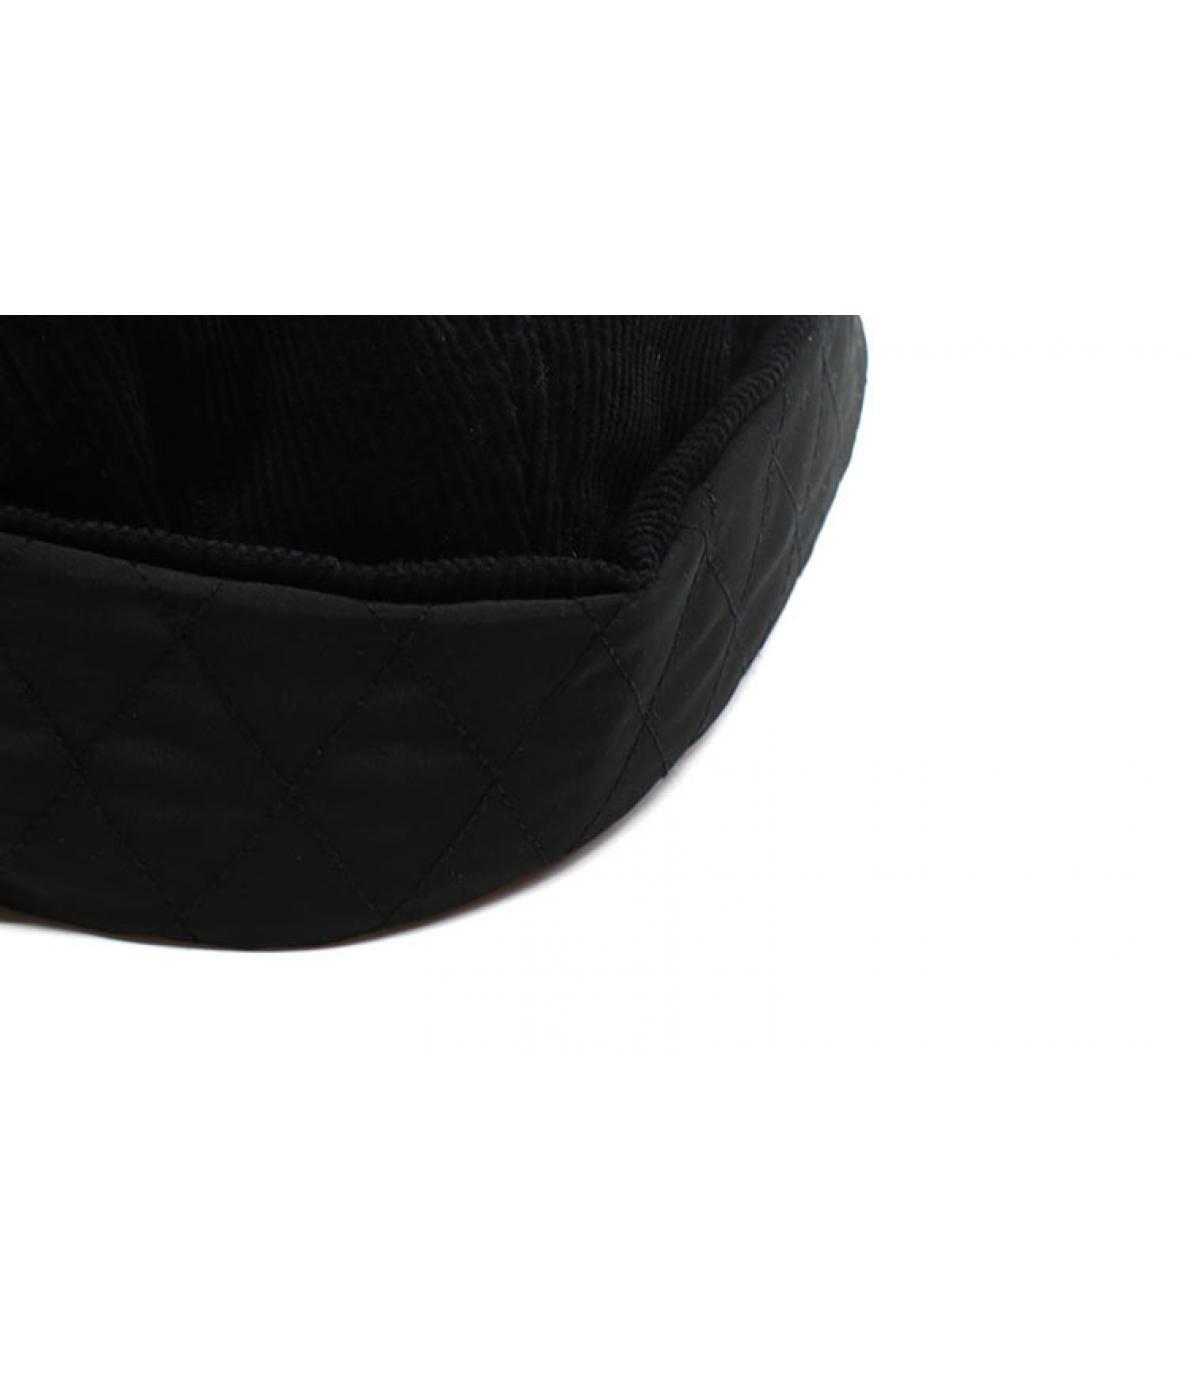 Détails Holden Dog Ear Volley black - image 5